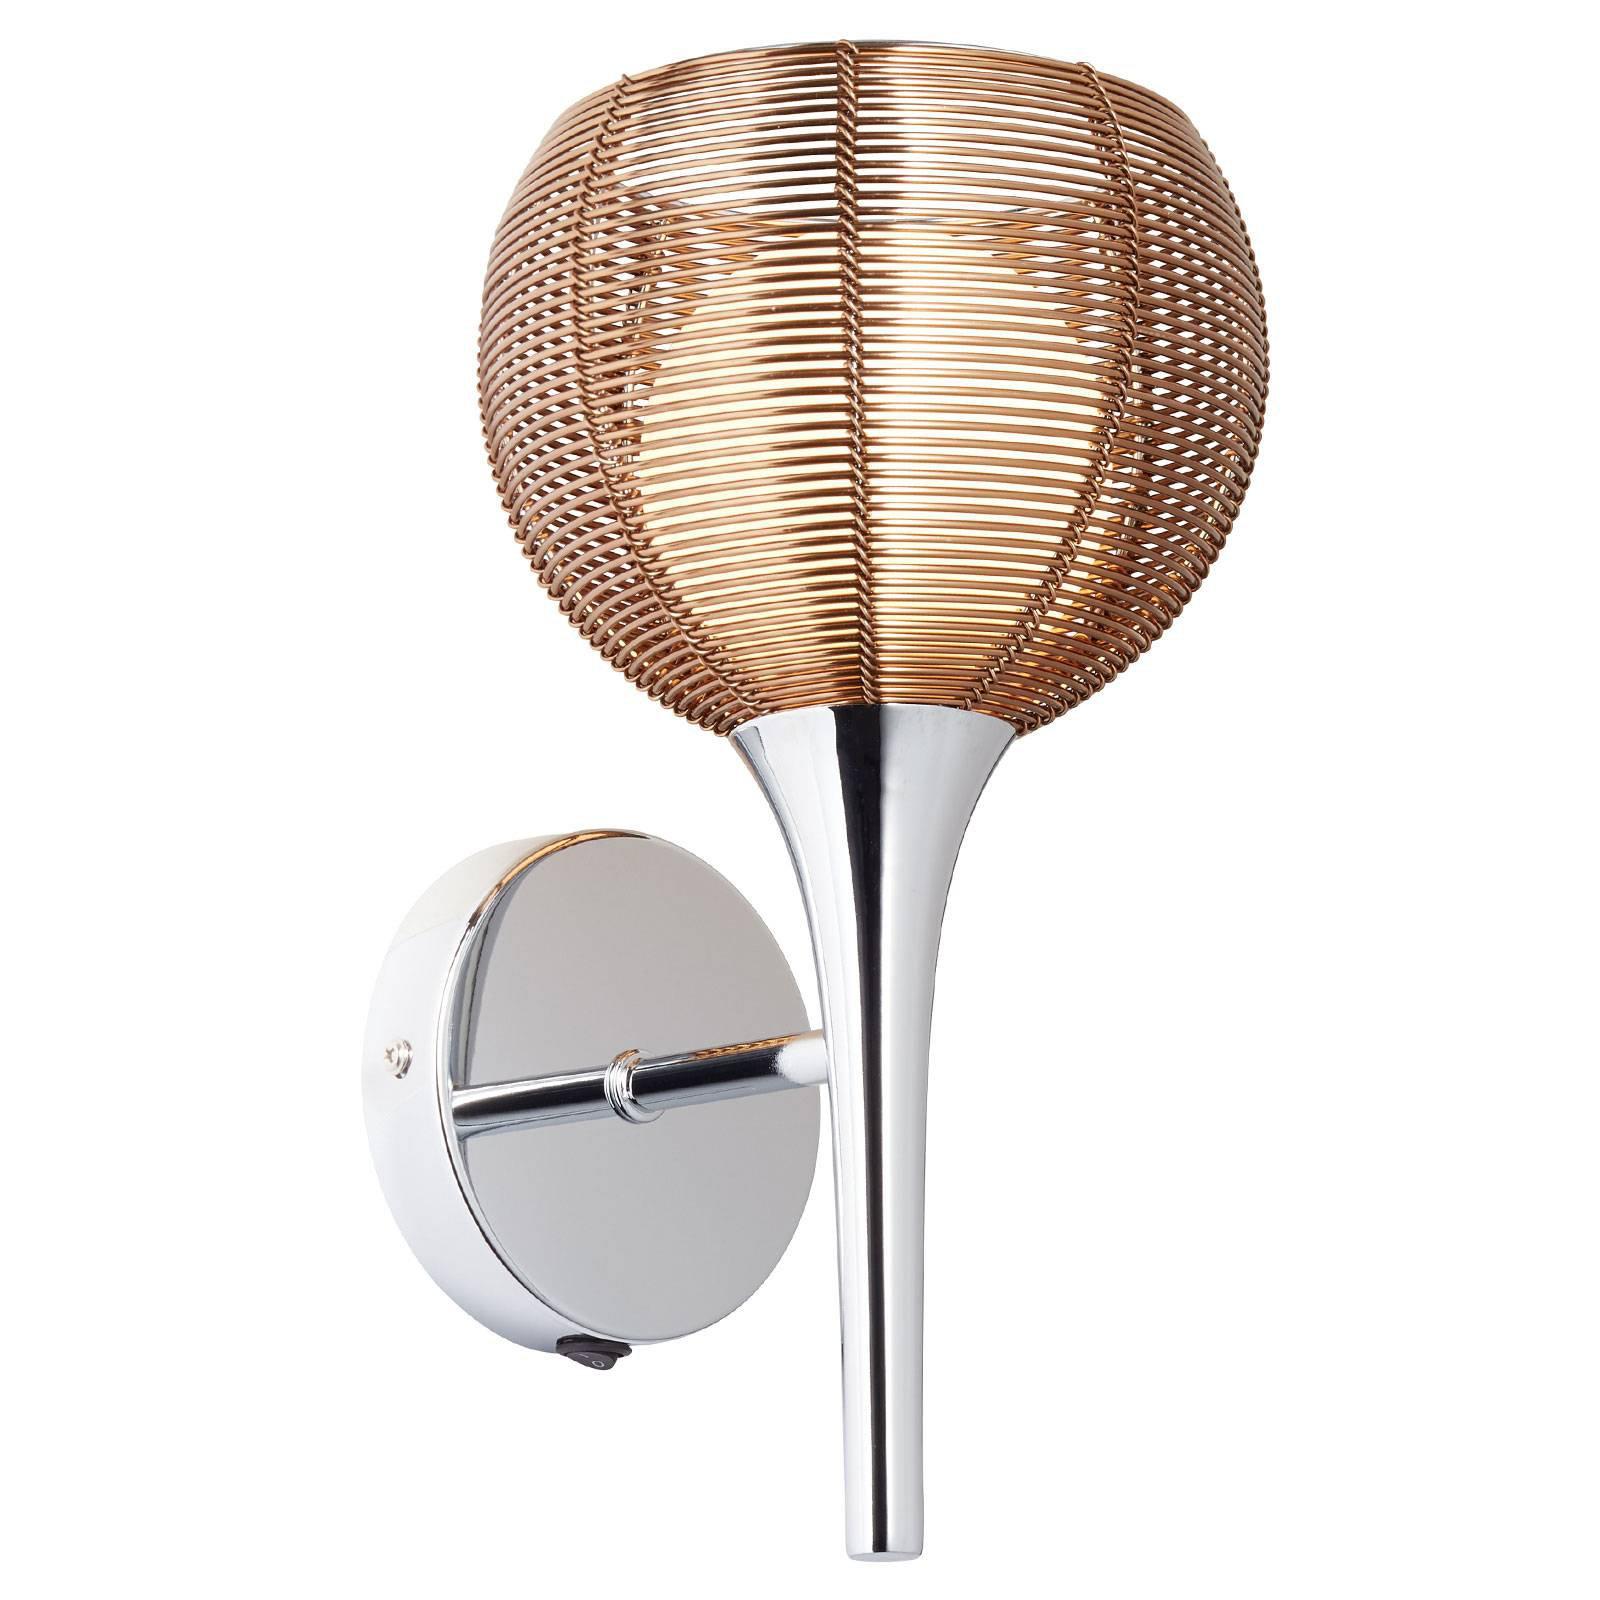 Vegglampe Relax i bronse og krom